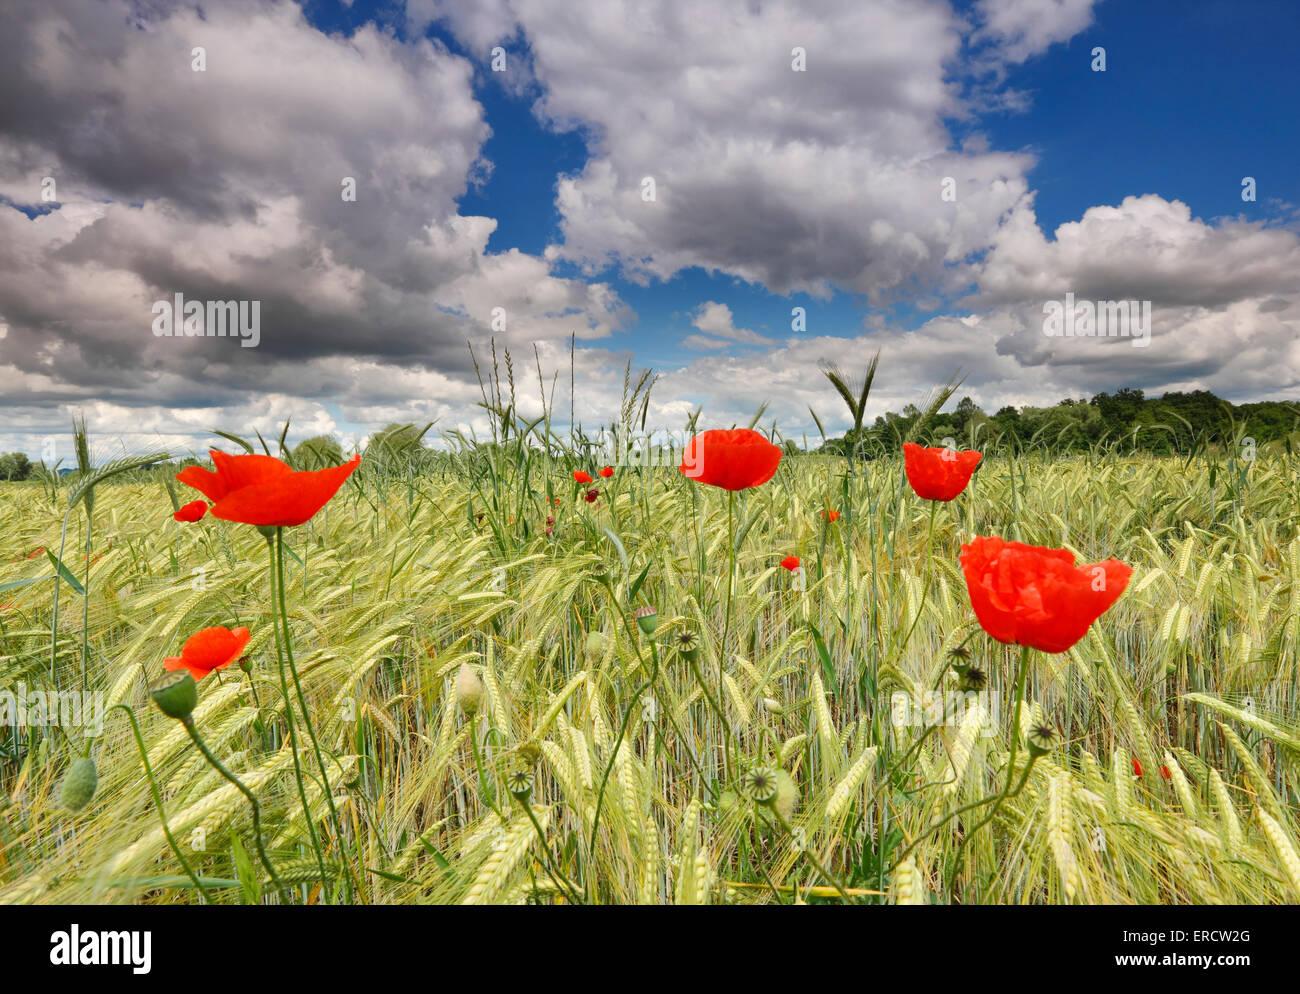 Coquelicots dans le champ de blé avec de beaux nuages ciel Photo Stock